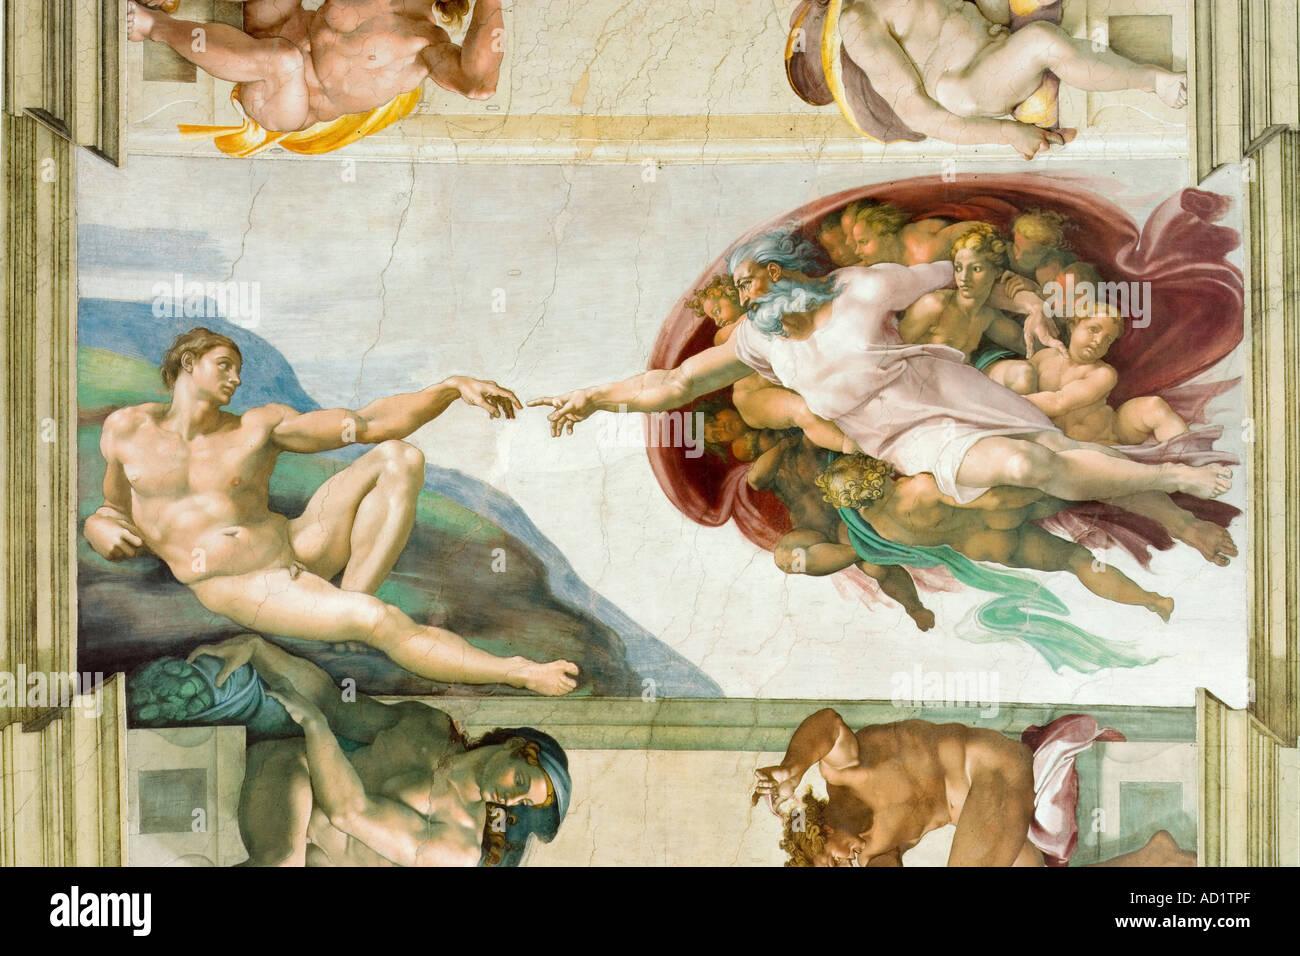 Peinture de plafond de Michel-Ange, Chapelle Sixtine, Vatican, Rome, Italie Photo Stock